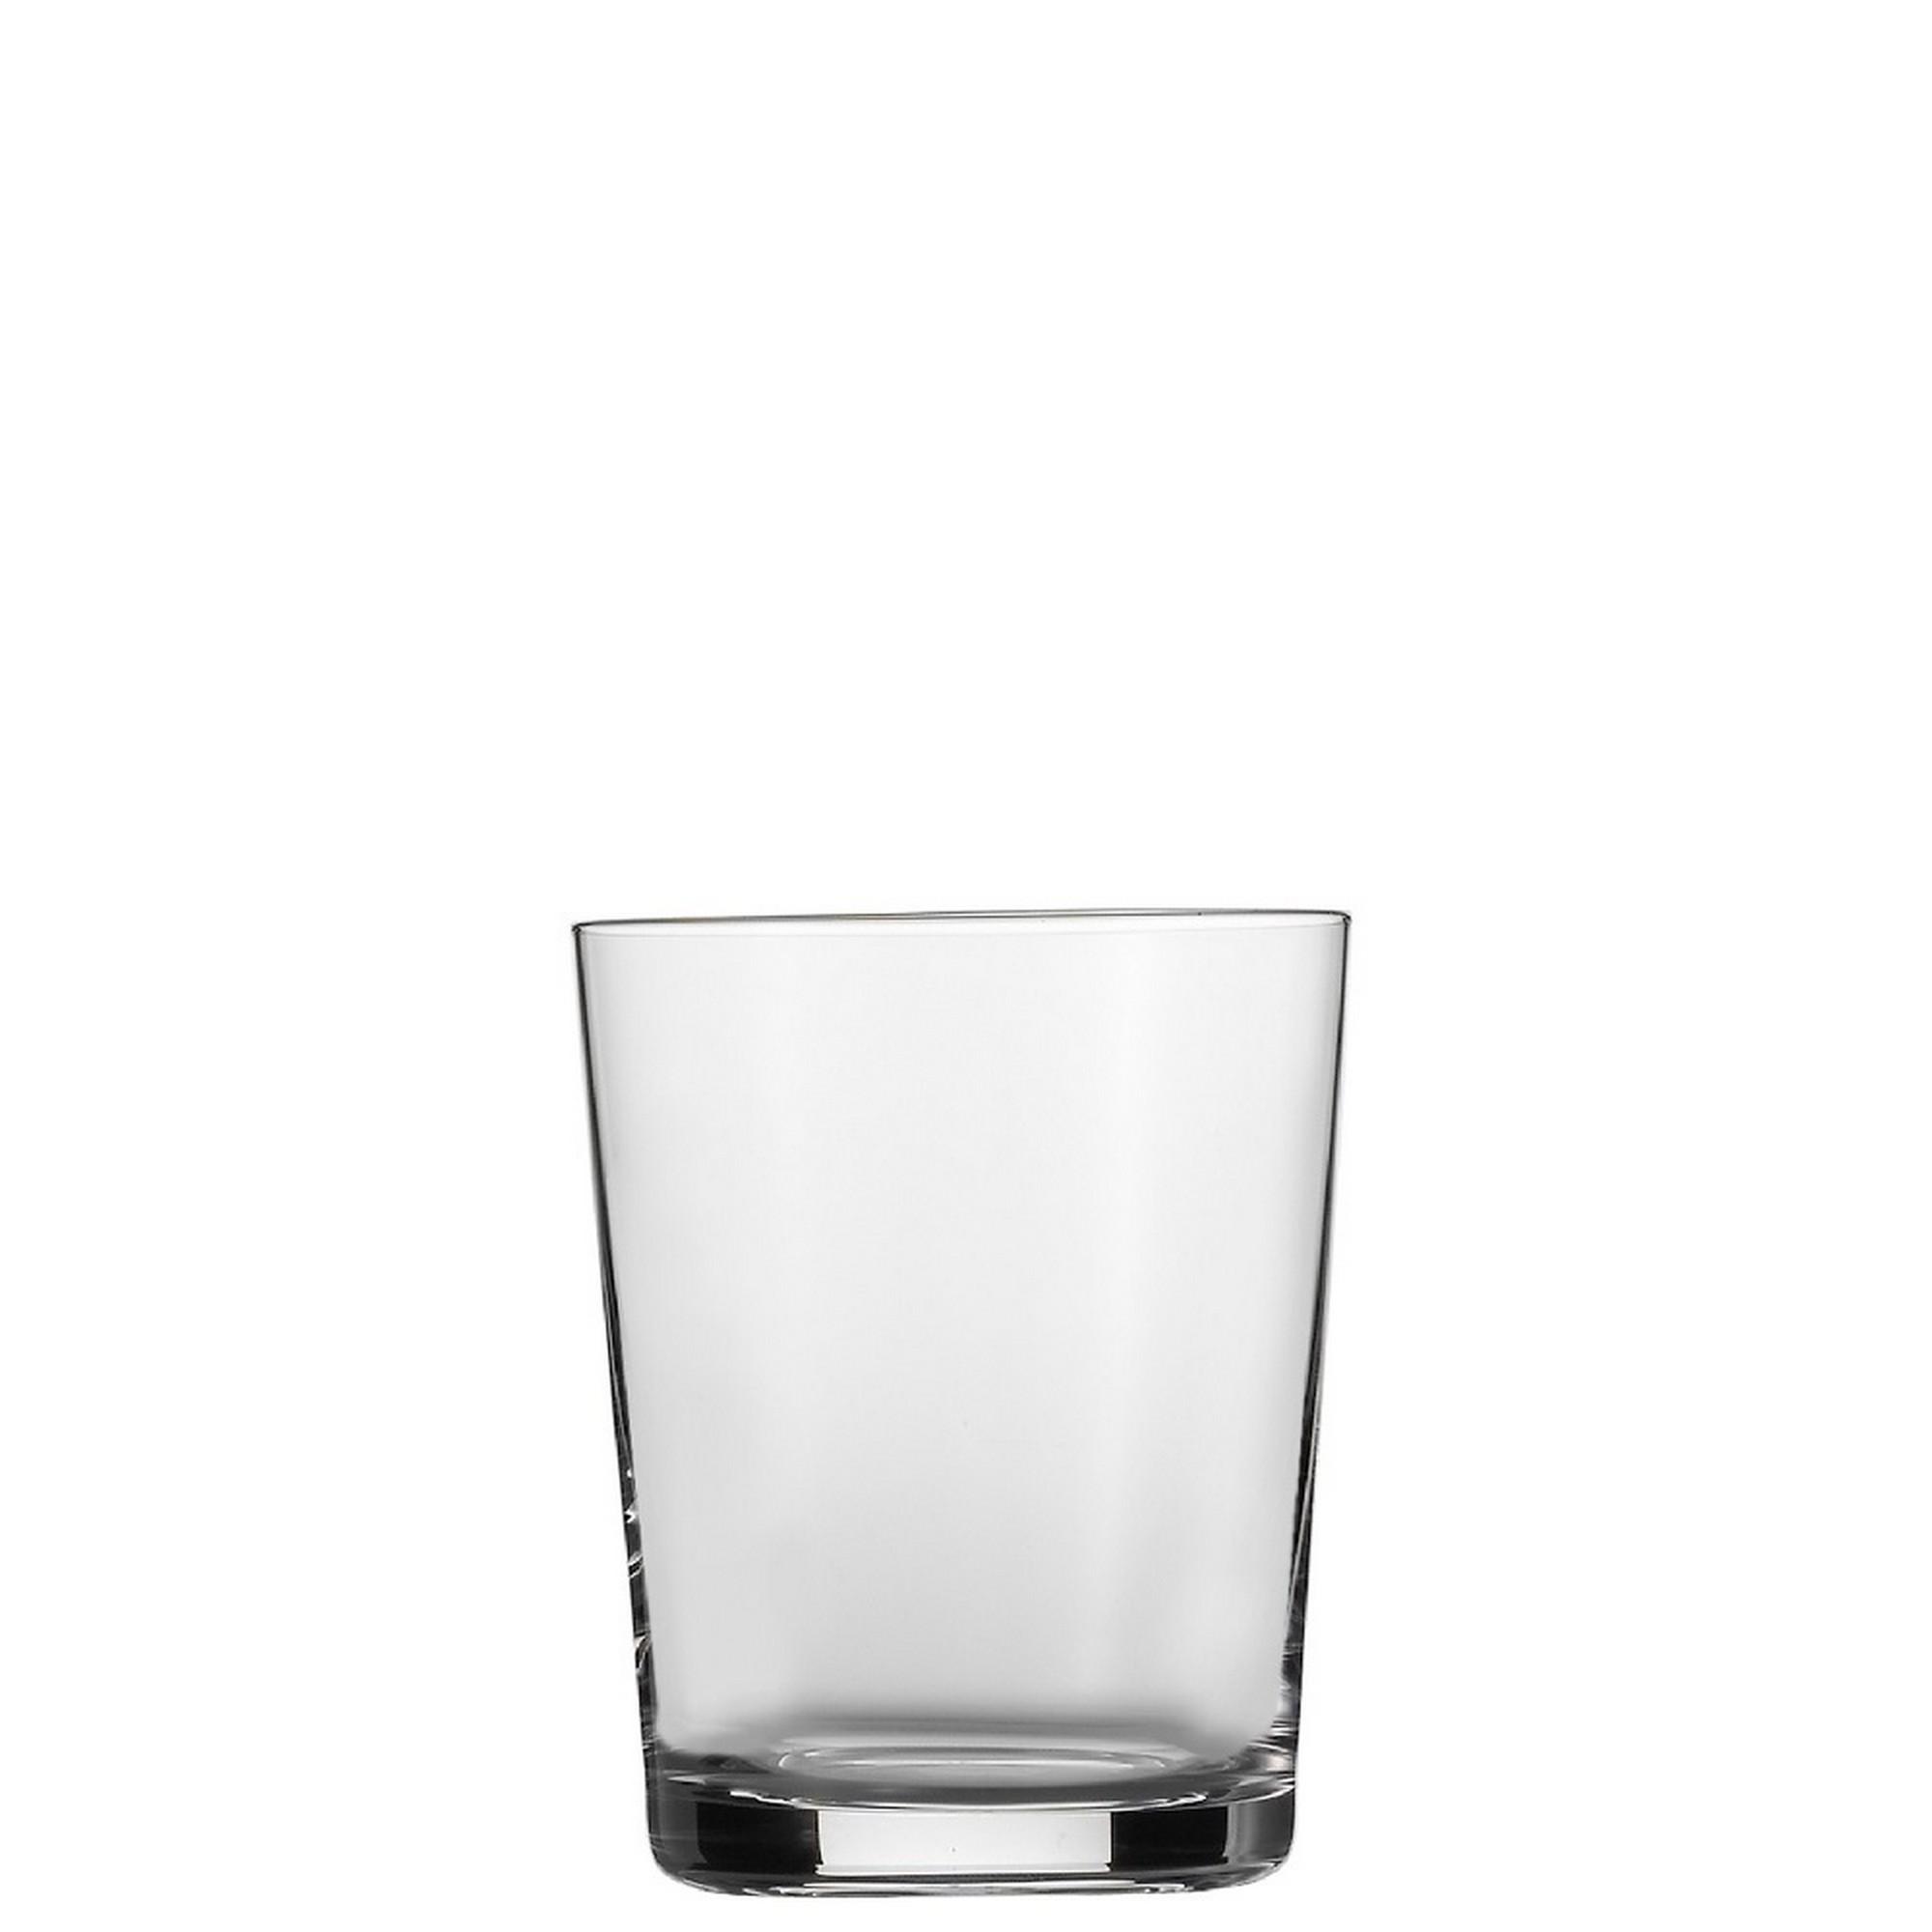 Copo Softdrink Nº 1 Schott Zwiesel Basic Bar Selection 213ml 6 Peças de Cristal